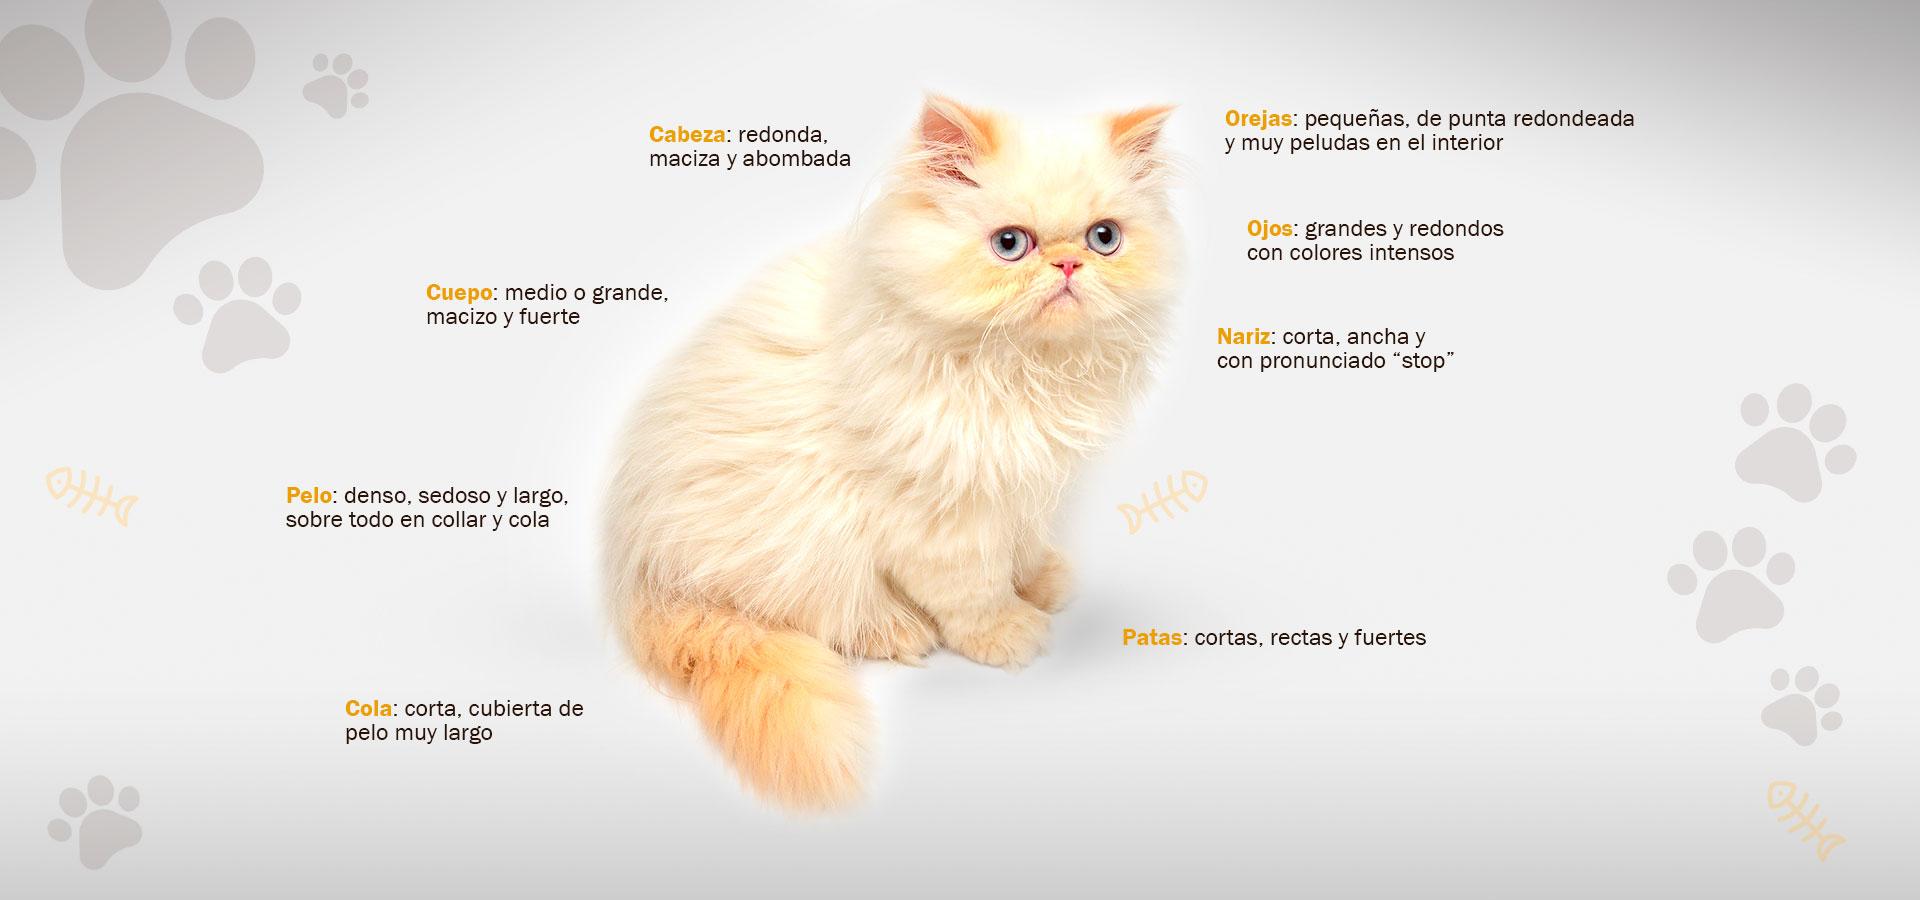 Tishacats morfología gatos persas